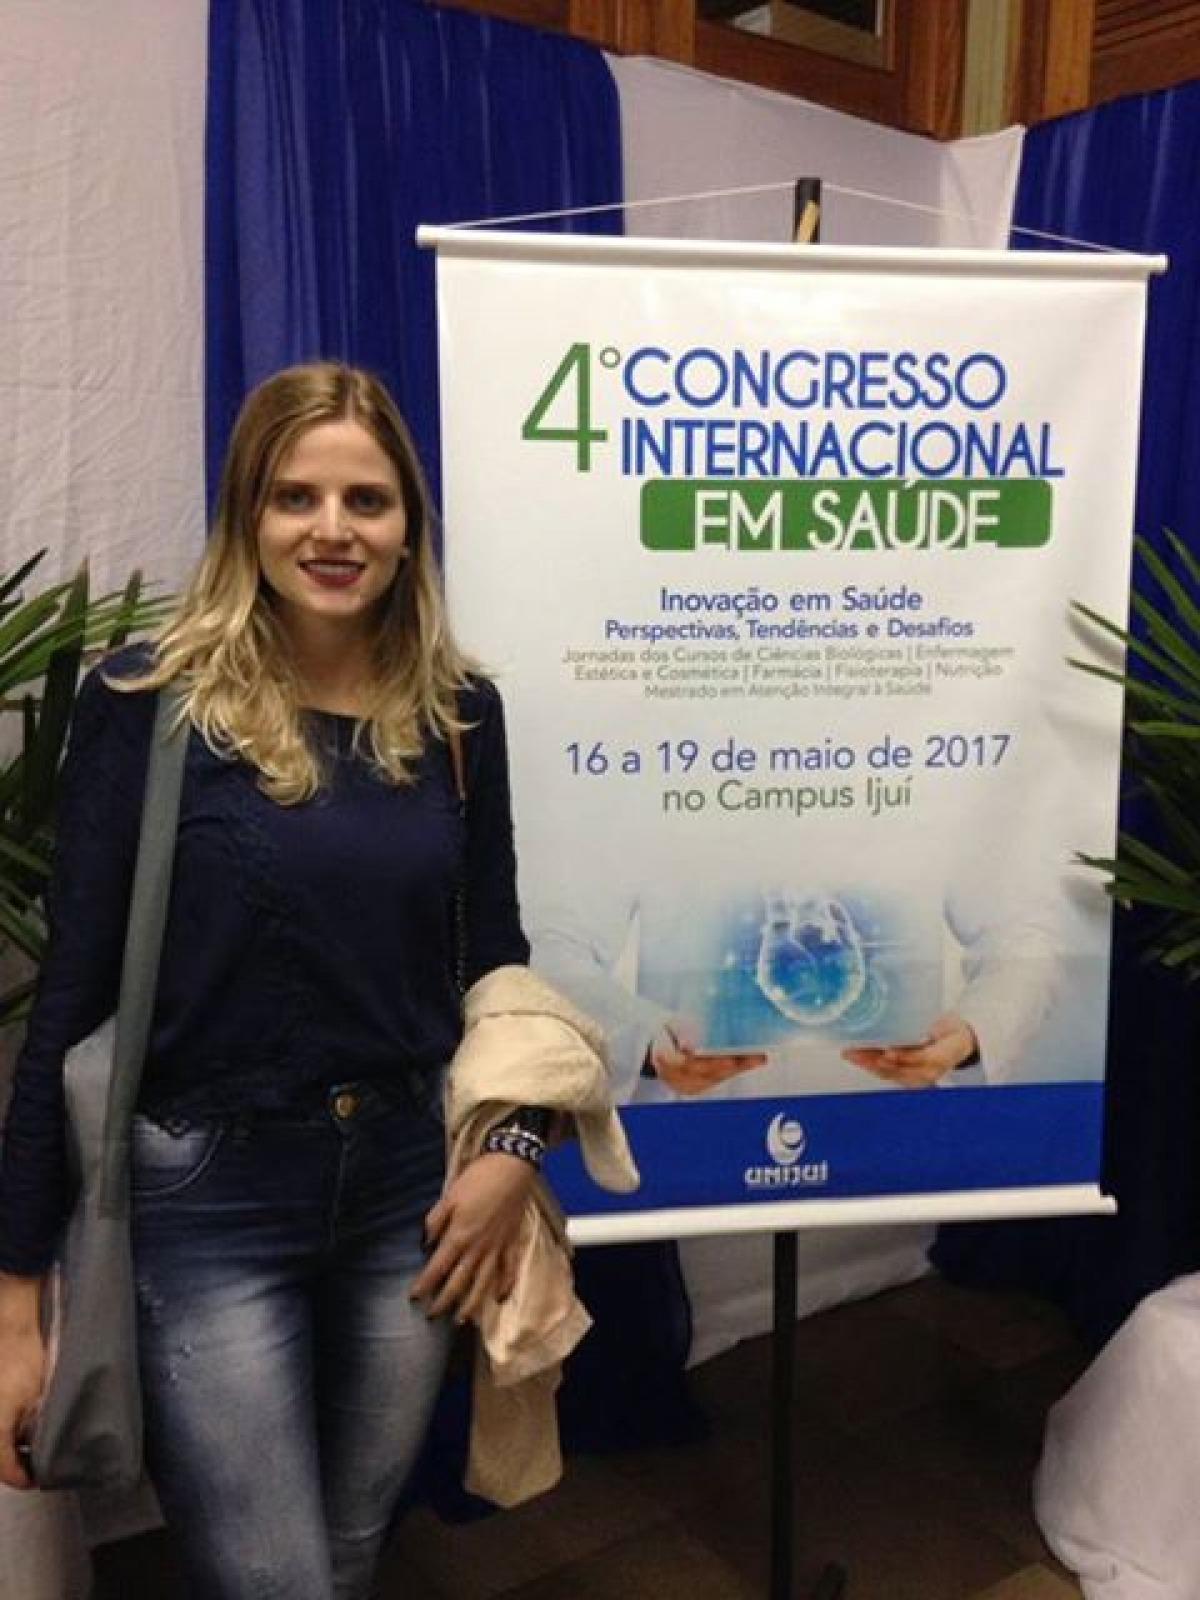 4º Congresso Internacional em Saúde